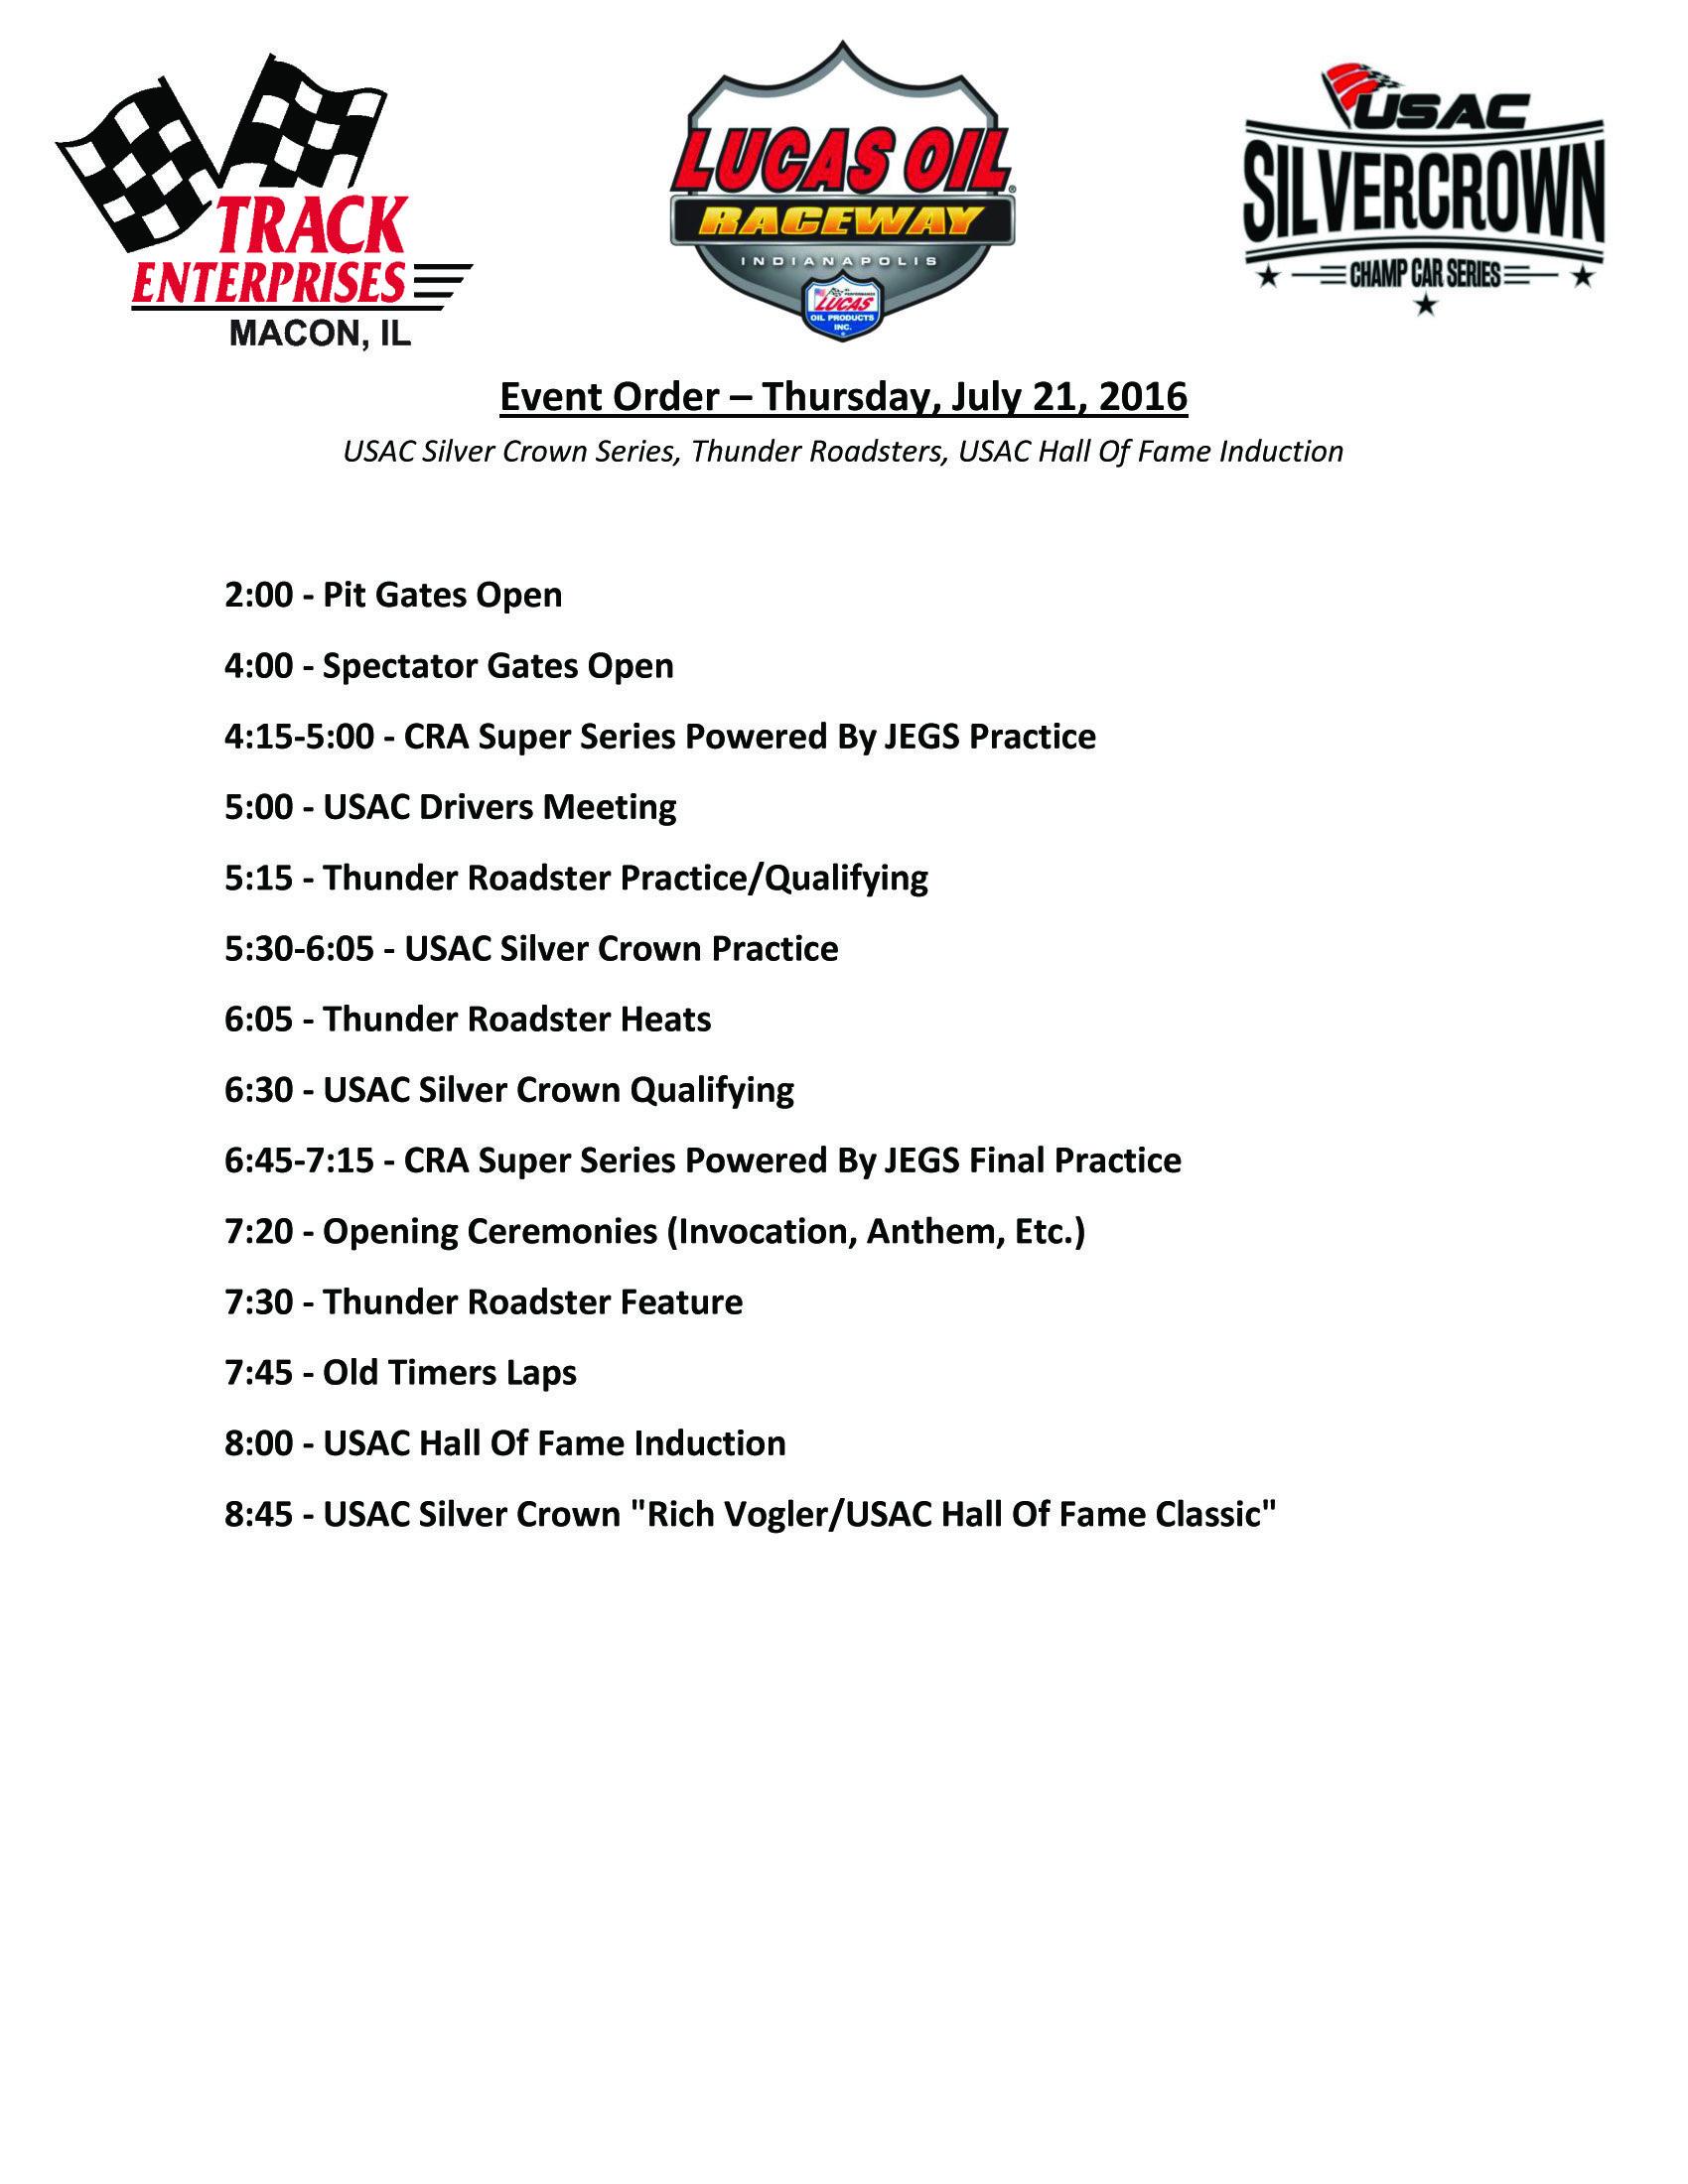 2016 Rich Vogler Classic Schedule USAC